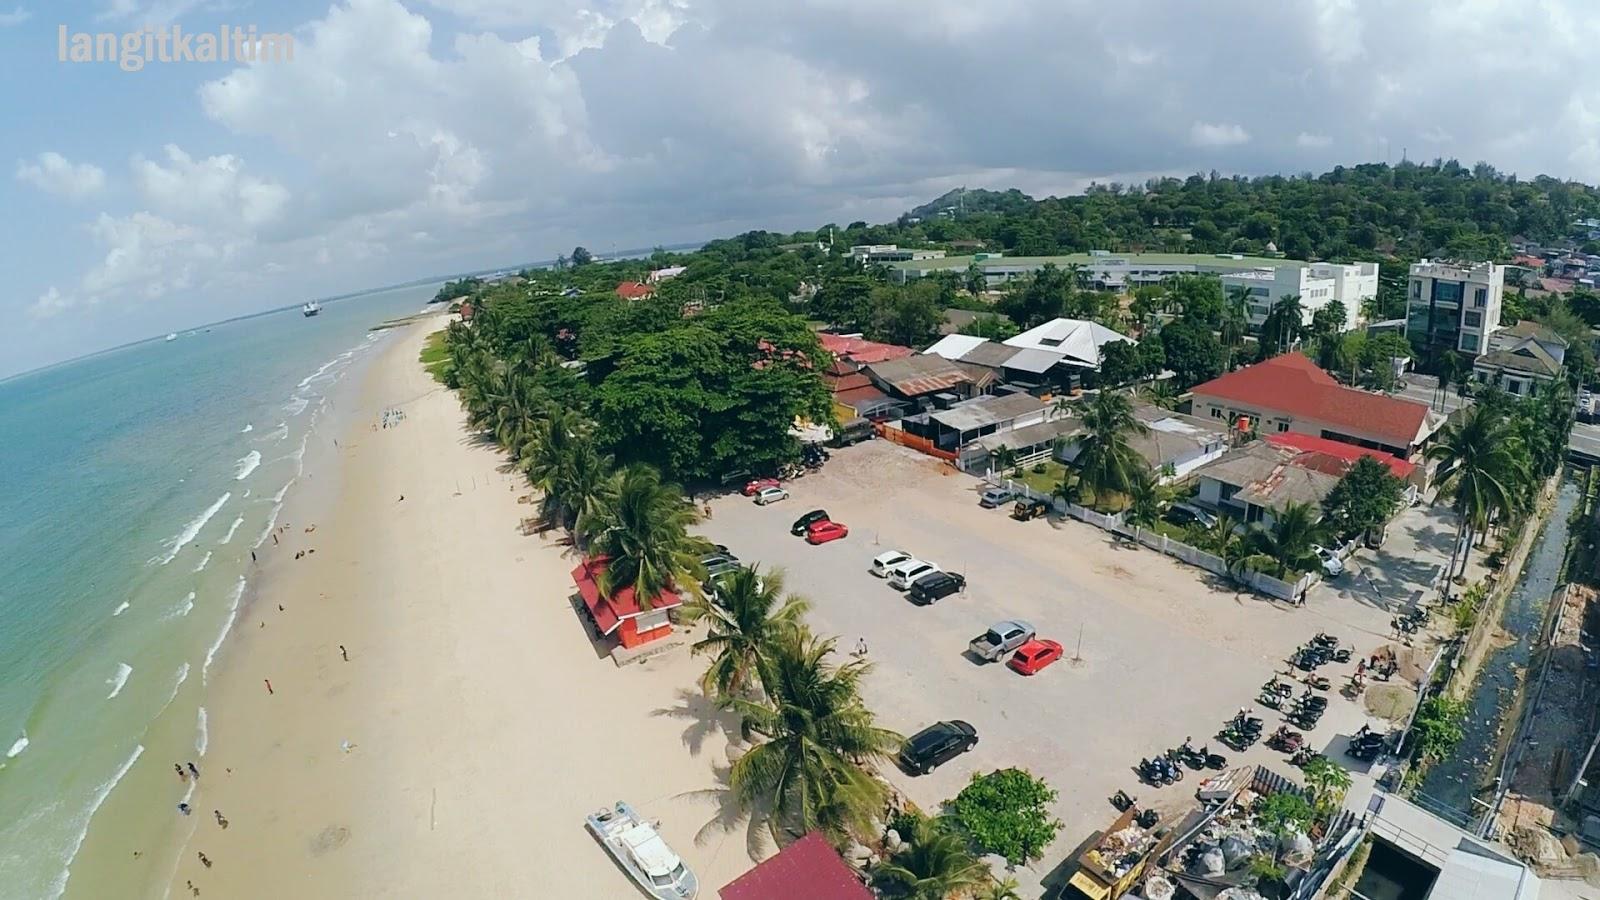 Wisata Pantai Kemala